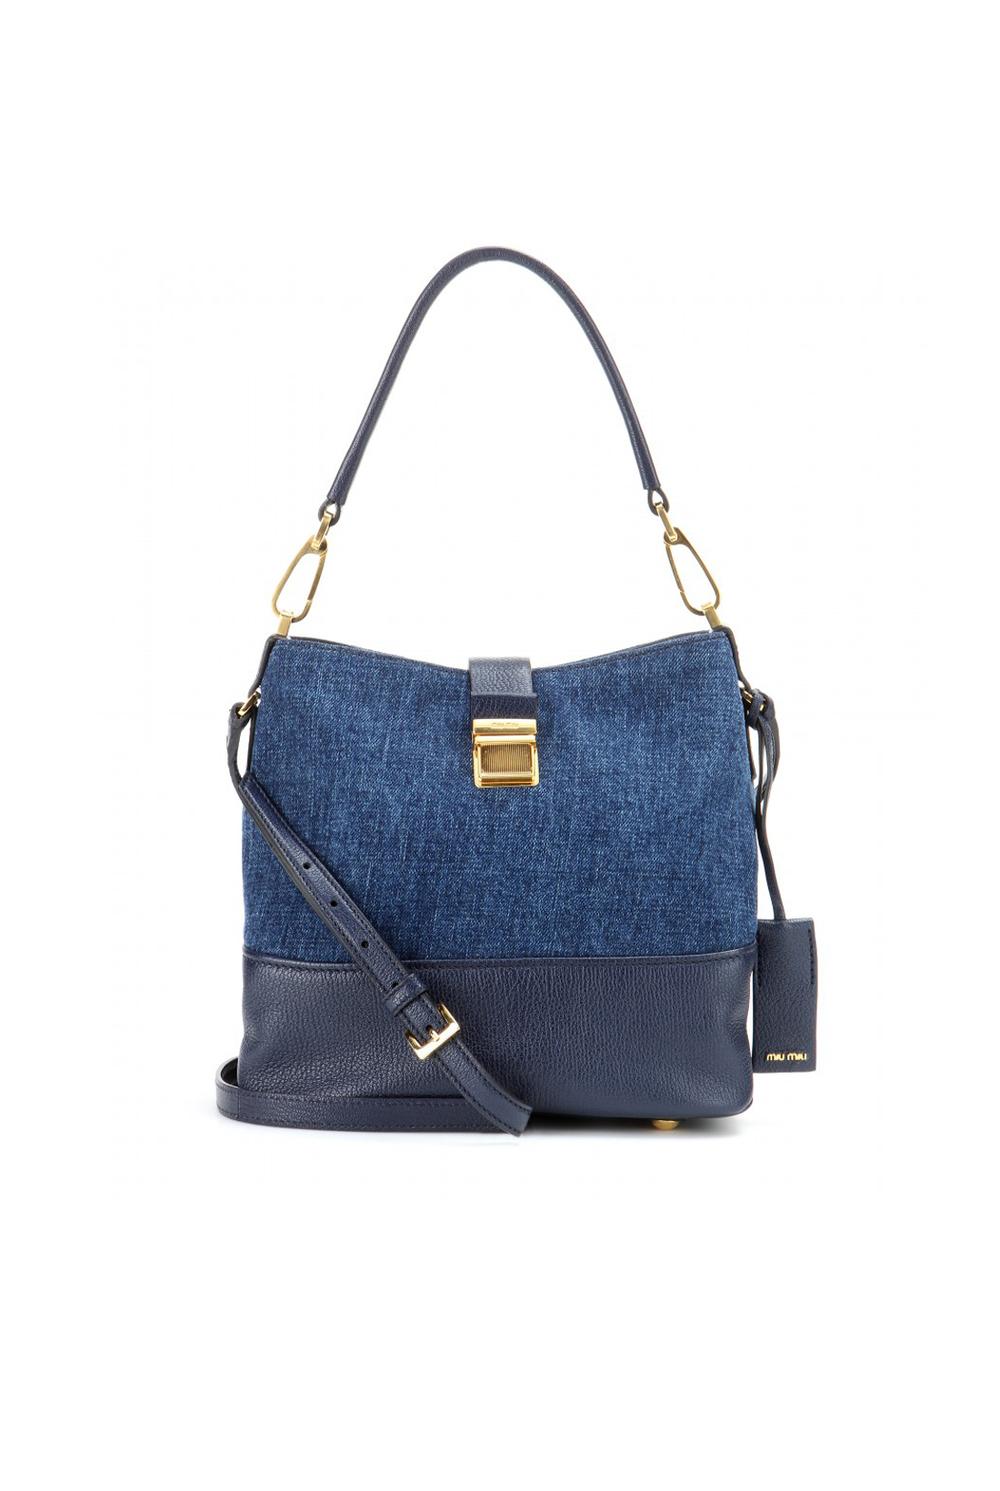 04-spring-denim-trends-bags-05.jpg